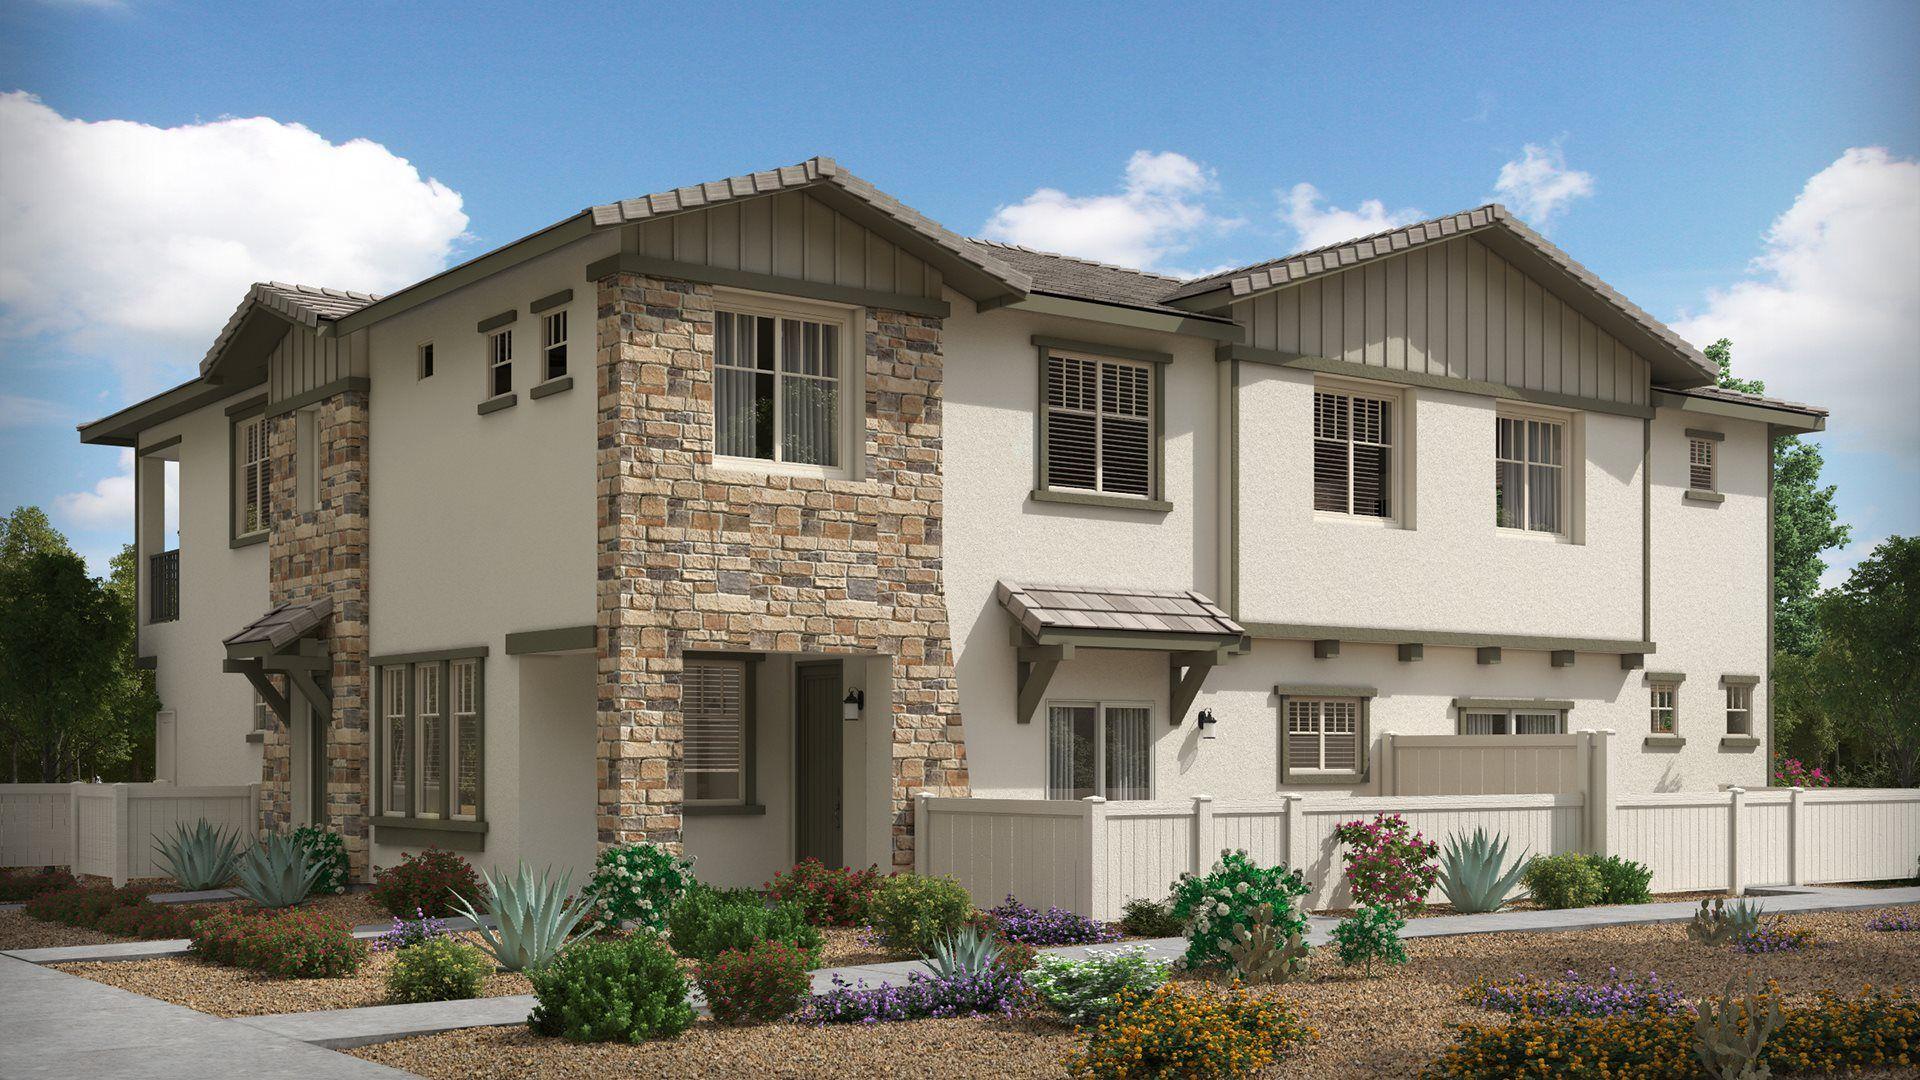 Residence 1 Craftsman